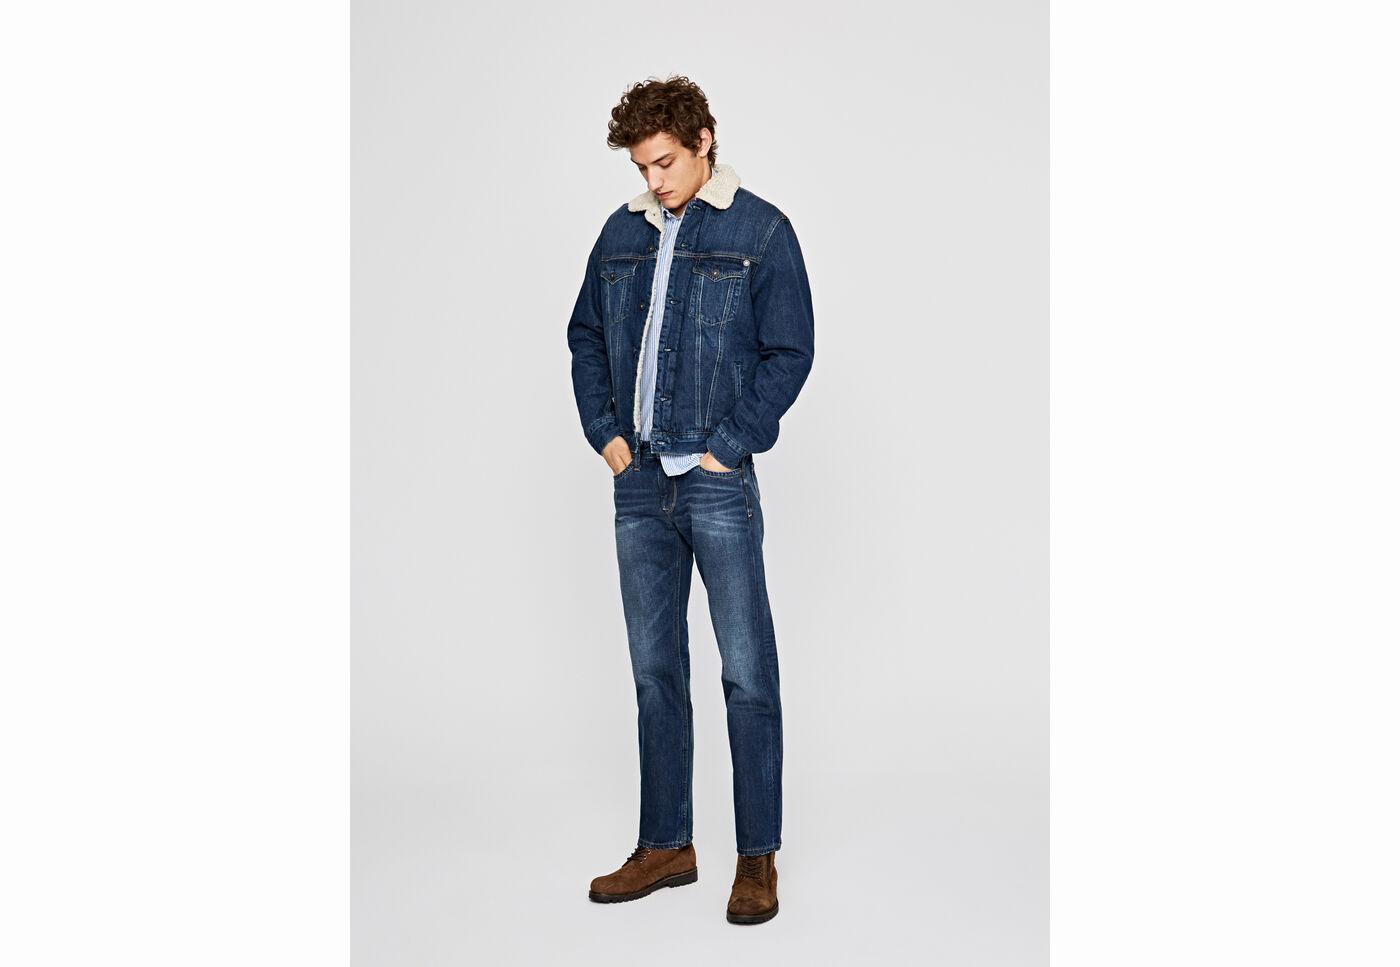 hot sales 713ed 310ea Novità abbigliamento da uomo | Pepe Jeans London